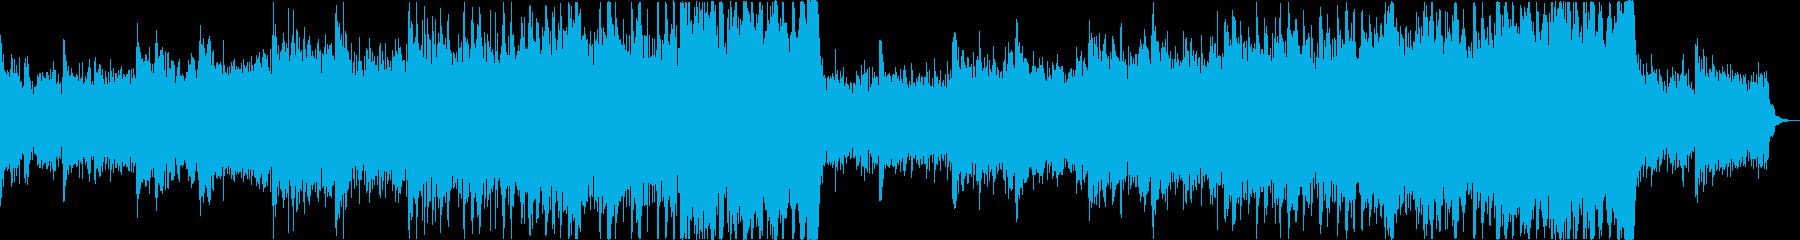 シネマドラマティックエピックトレーラーaの再生済みの波形